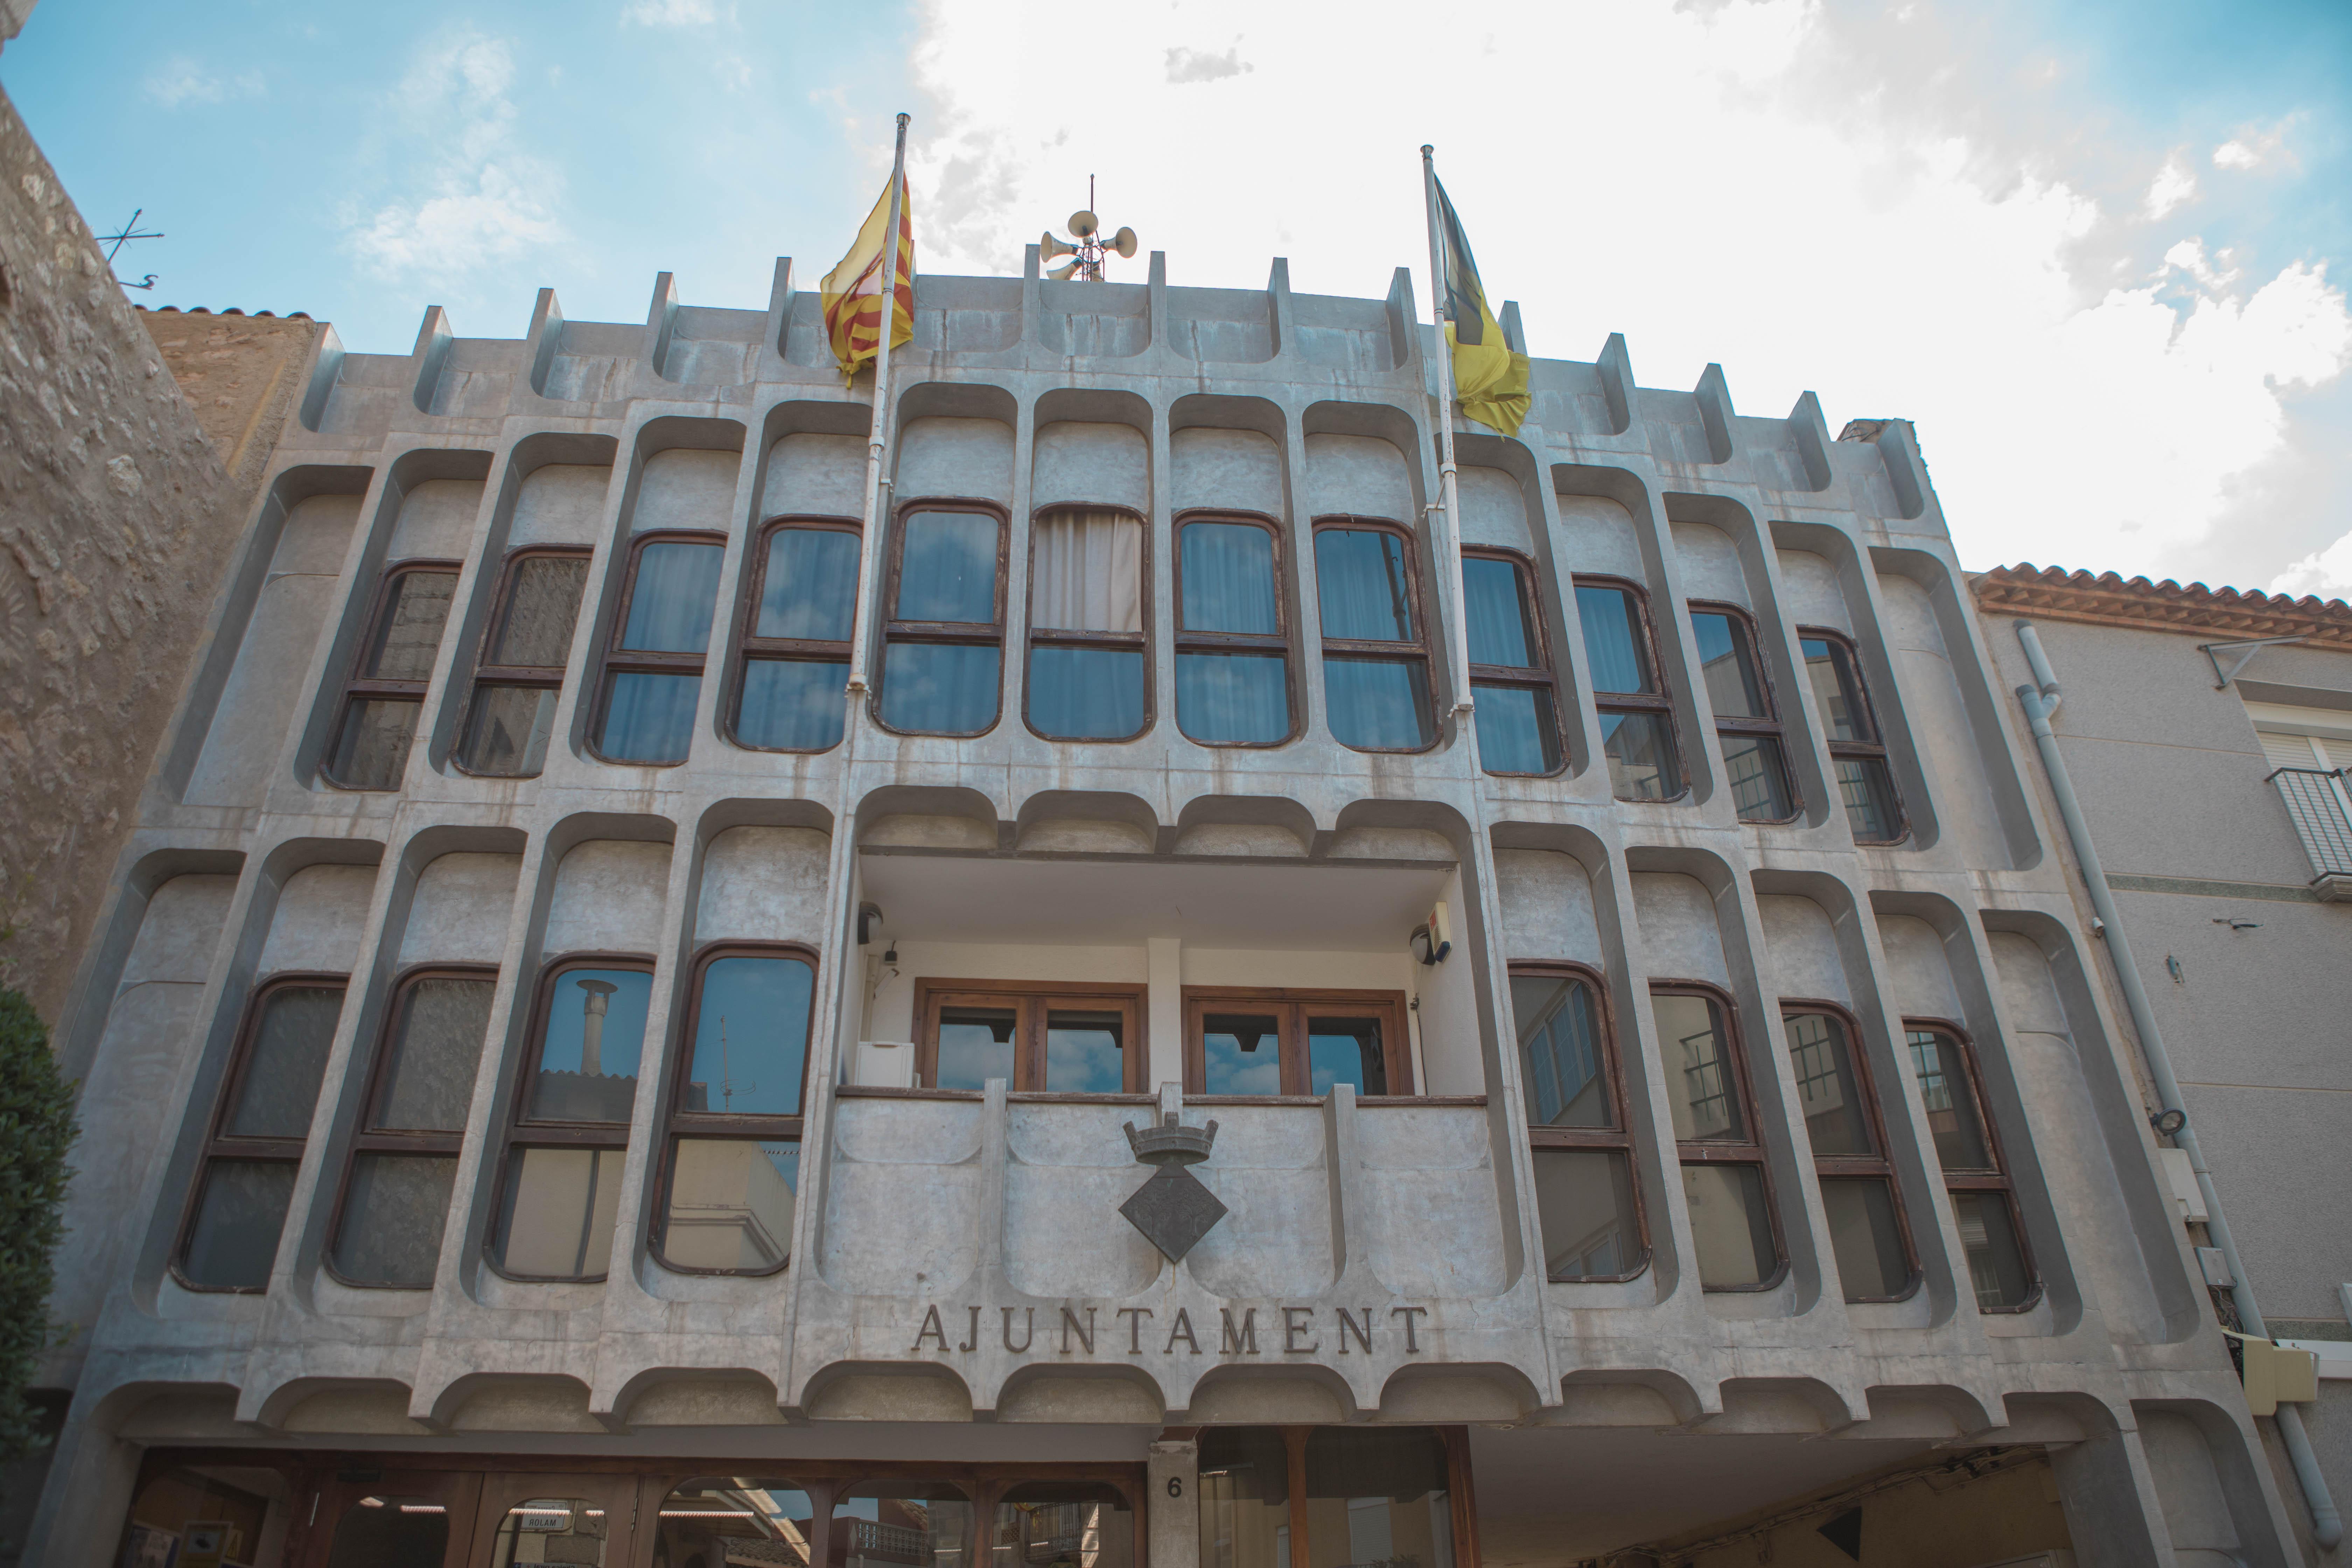 Ajuntament de Vandellòs